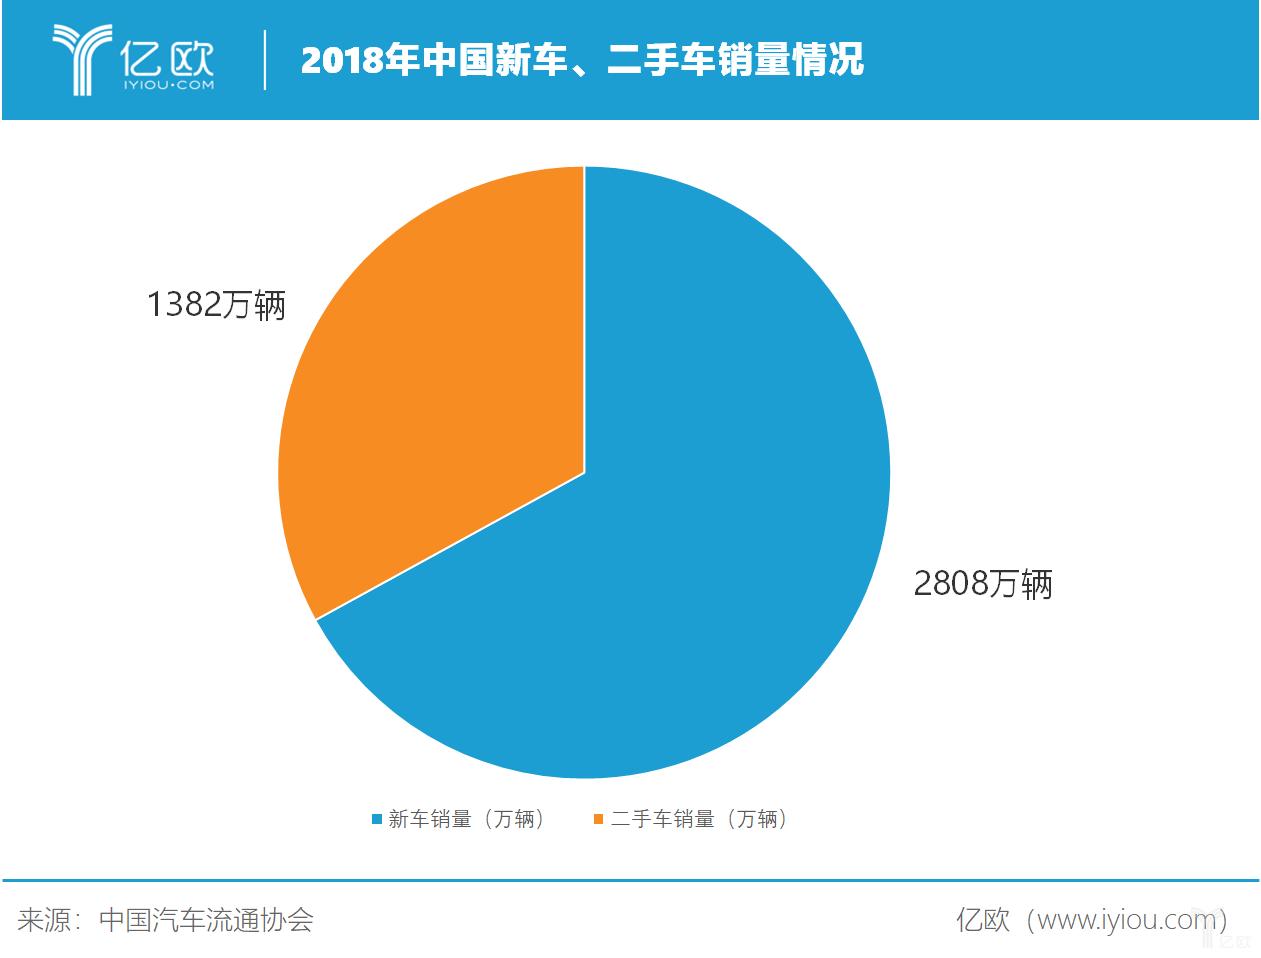 2018年中国新车、二手车销量情形